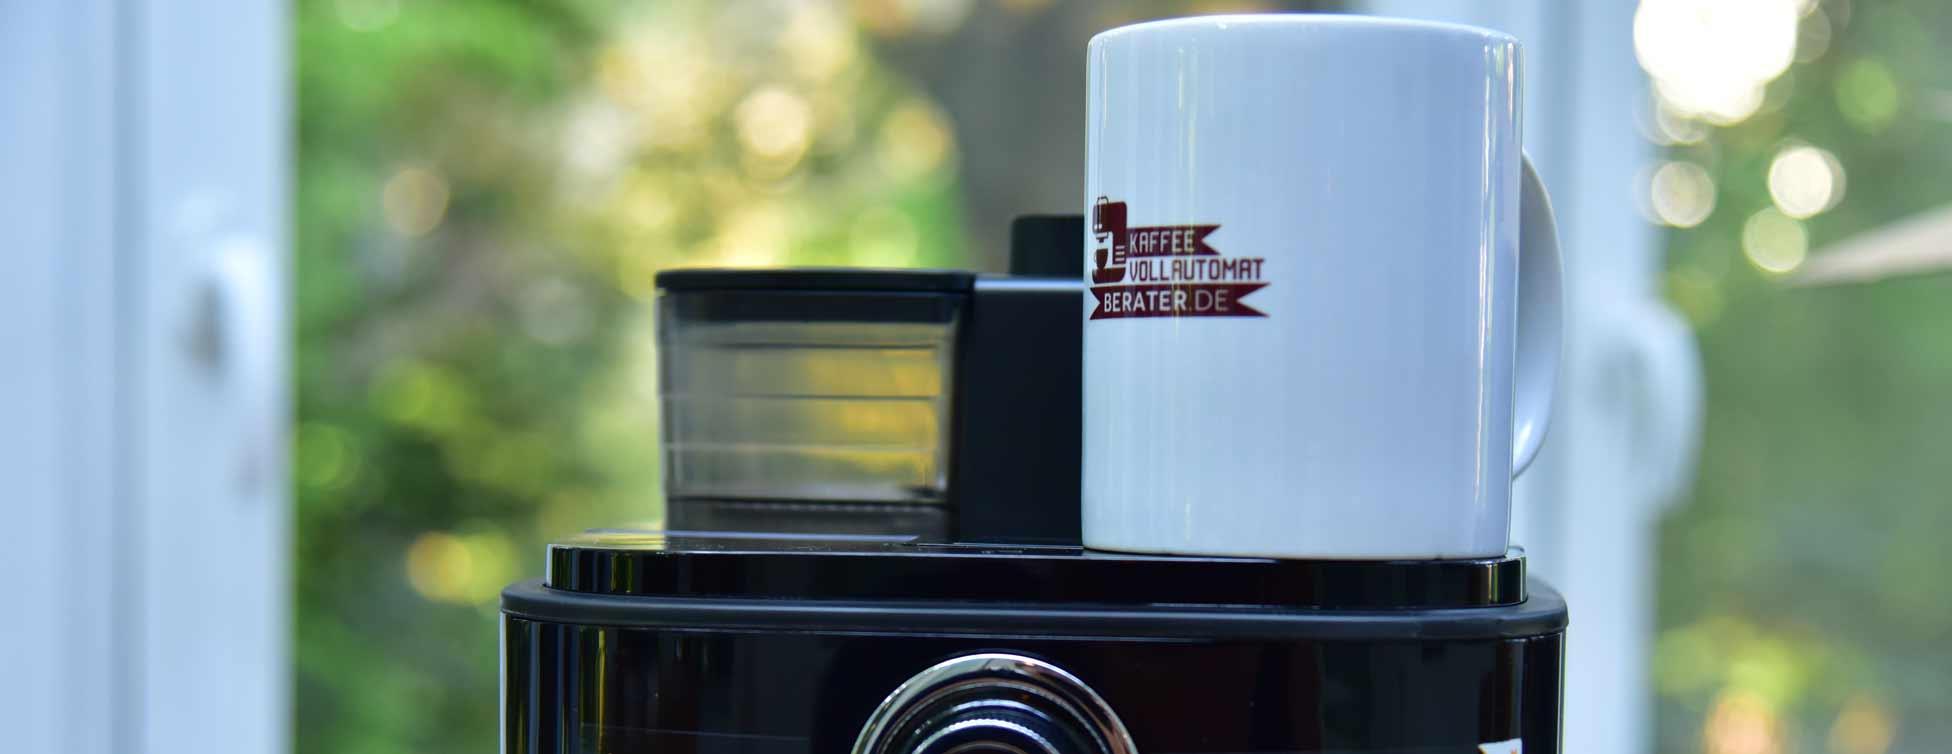 Kaffeemaschine mit Mahlwerk: Testergebnis Philips-HD776600